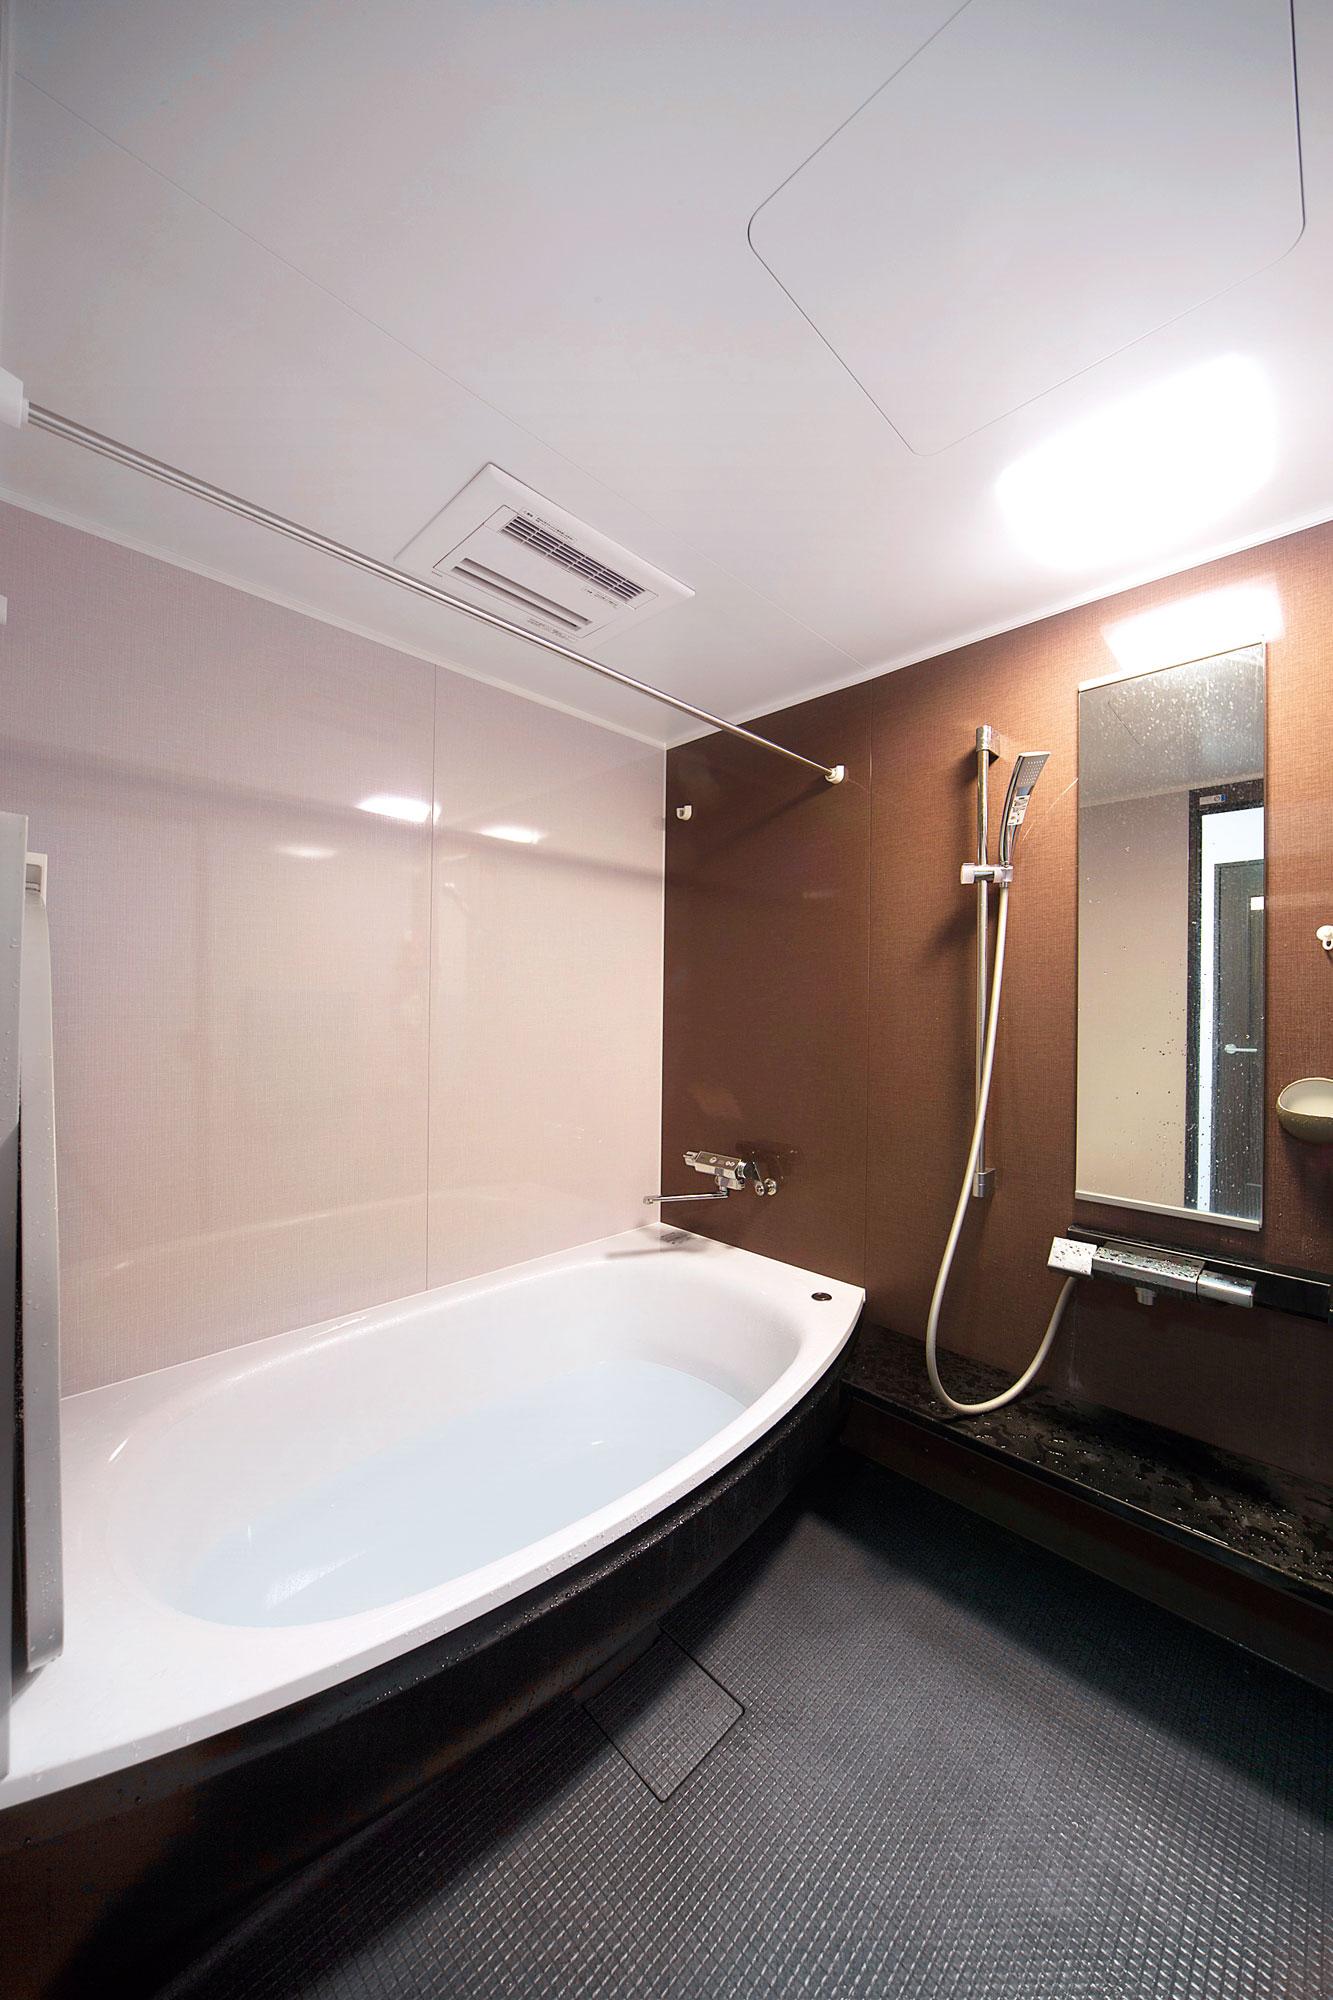 半身浴も楽しめる広い浴室。